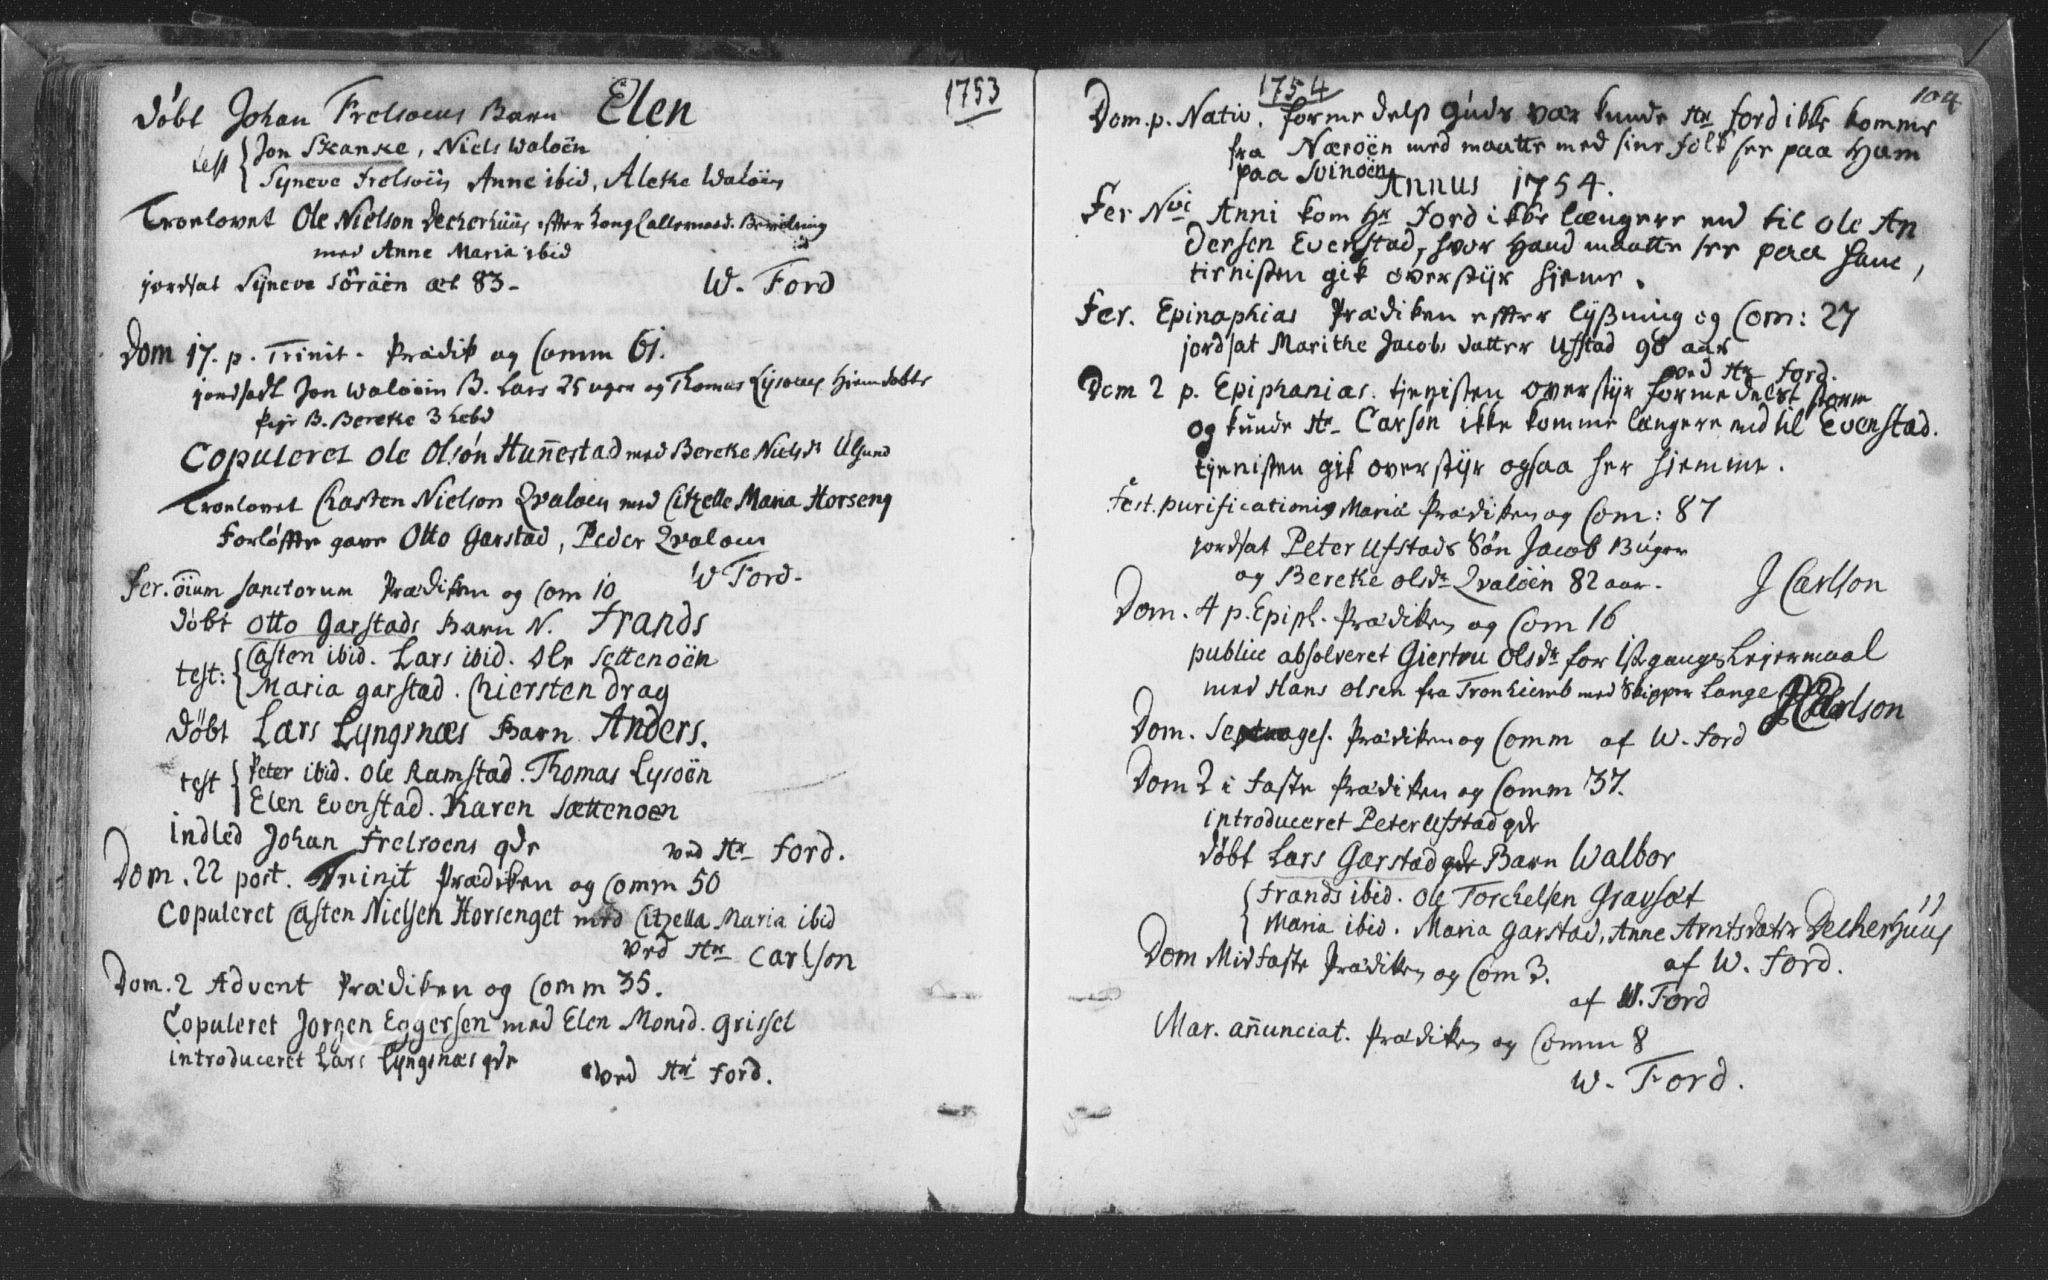 SAT, Ministerialprotokoller, klokkerbøker og fødselsregistre - Nord-Trøndelag, 786/L0685: Ministerialbok nr. 786A01, 1710-1798, s. 104